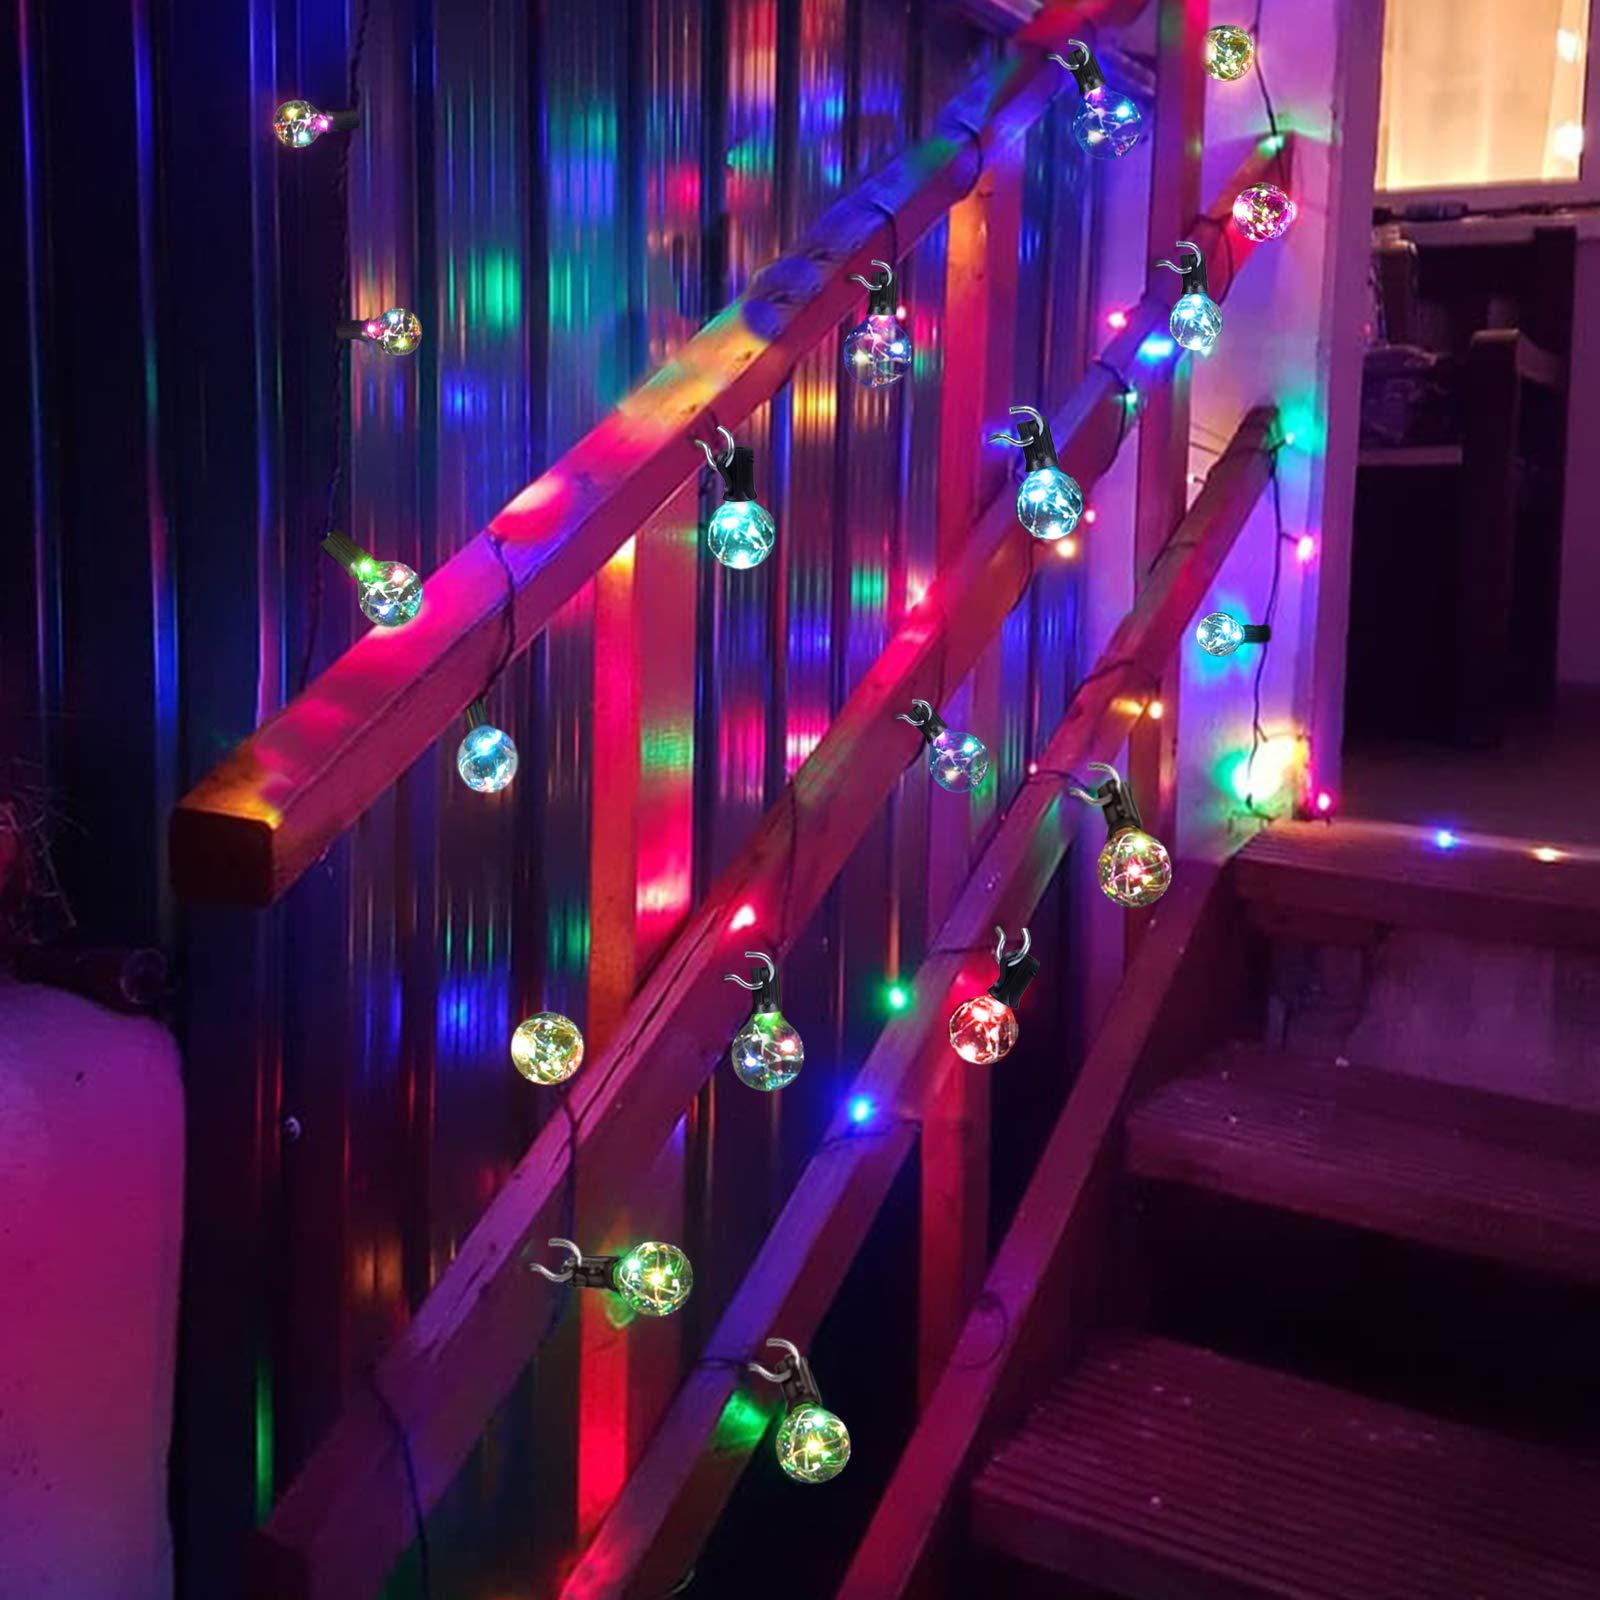 Ersatzbirnen Für Weihnachtsbeleuchtung.50 Discount On Led Lichterkette Bunt Innen Außen Strombetrieben